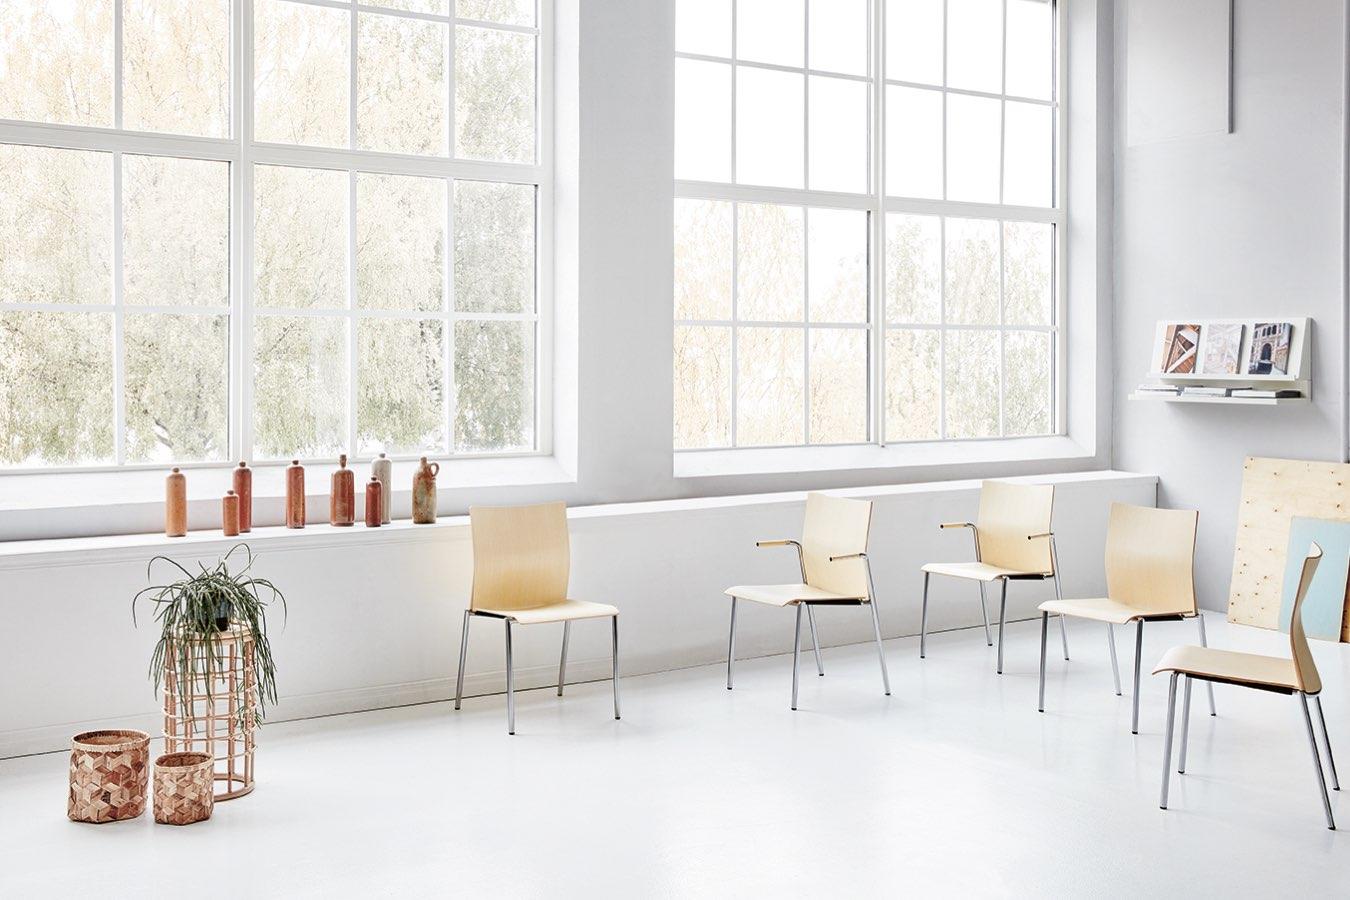 Marques mobilier de bureau kinnarps